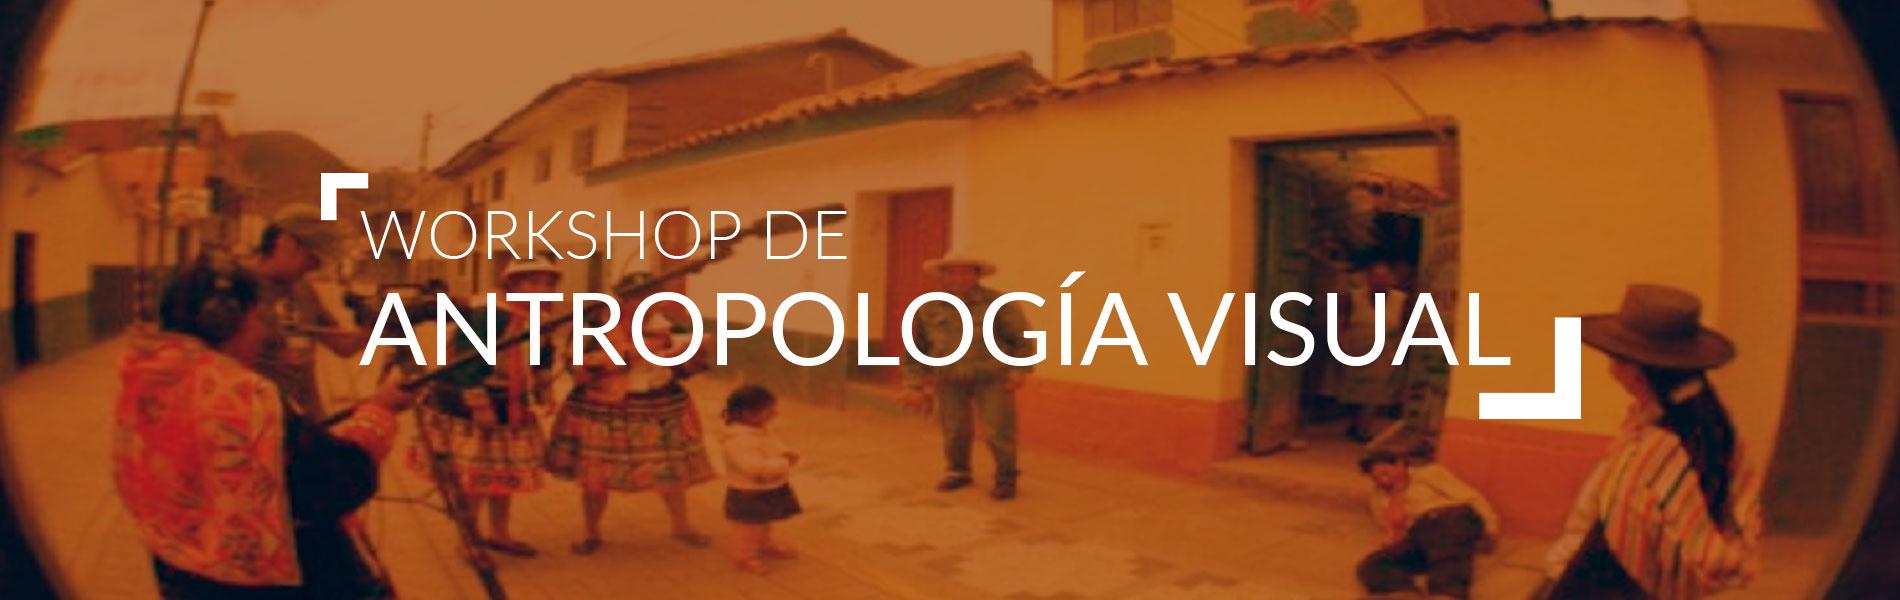 W. Antropología visual